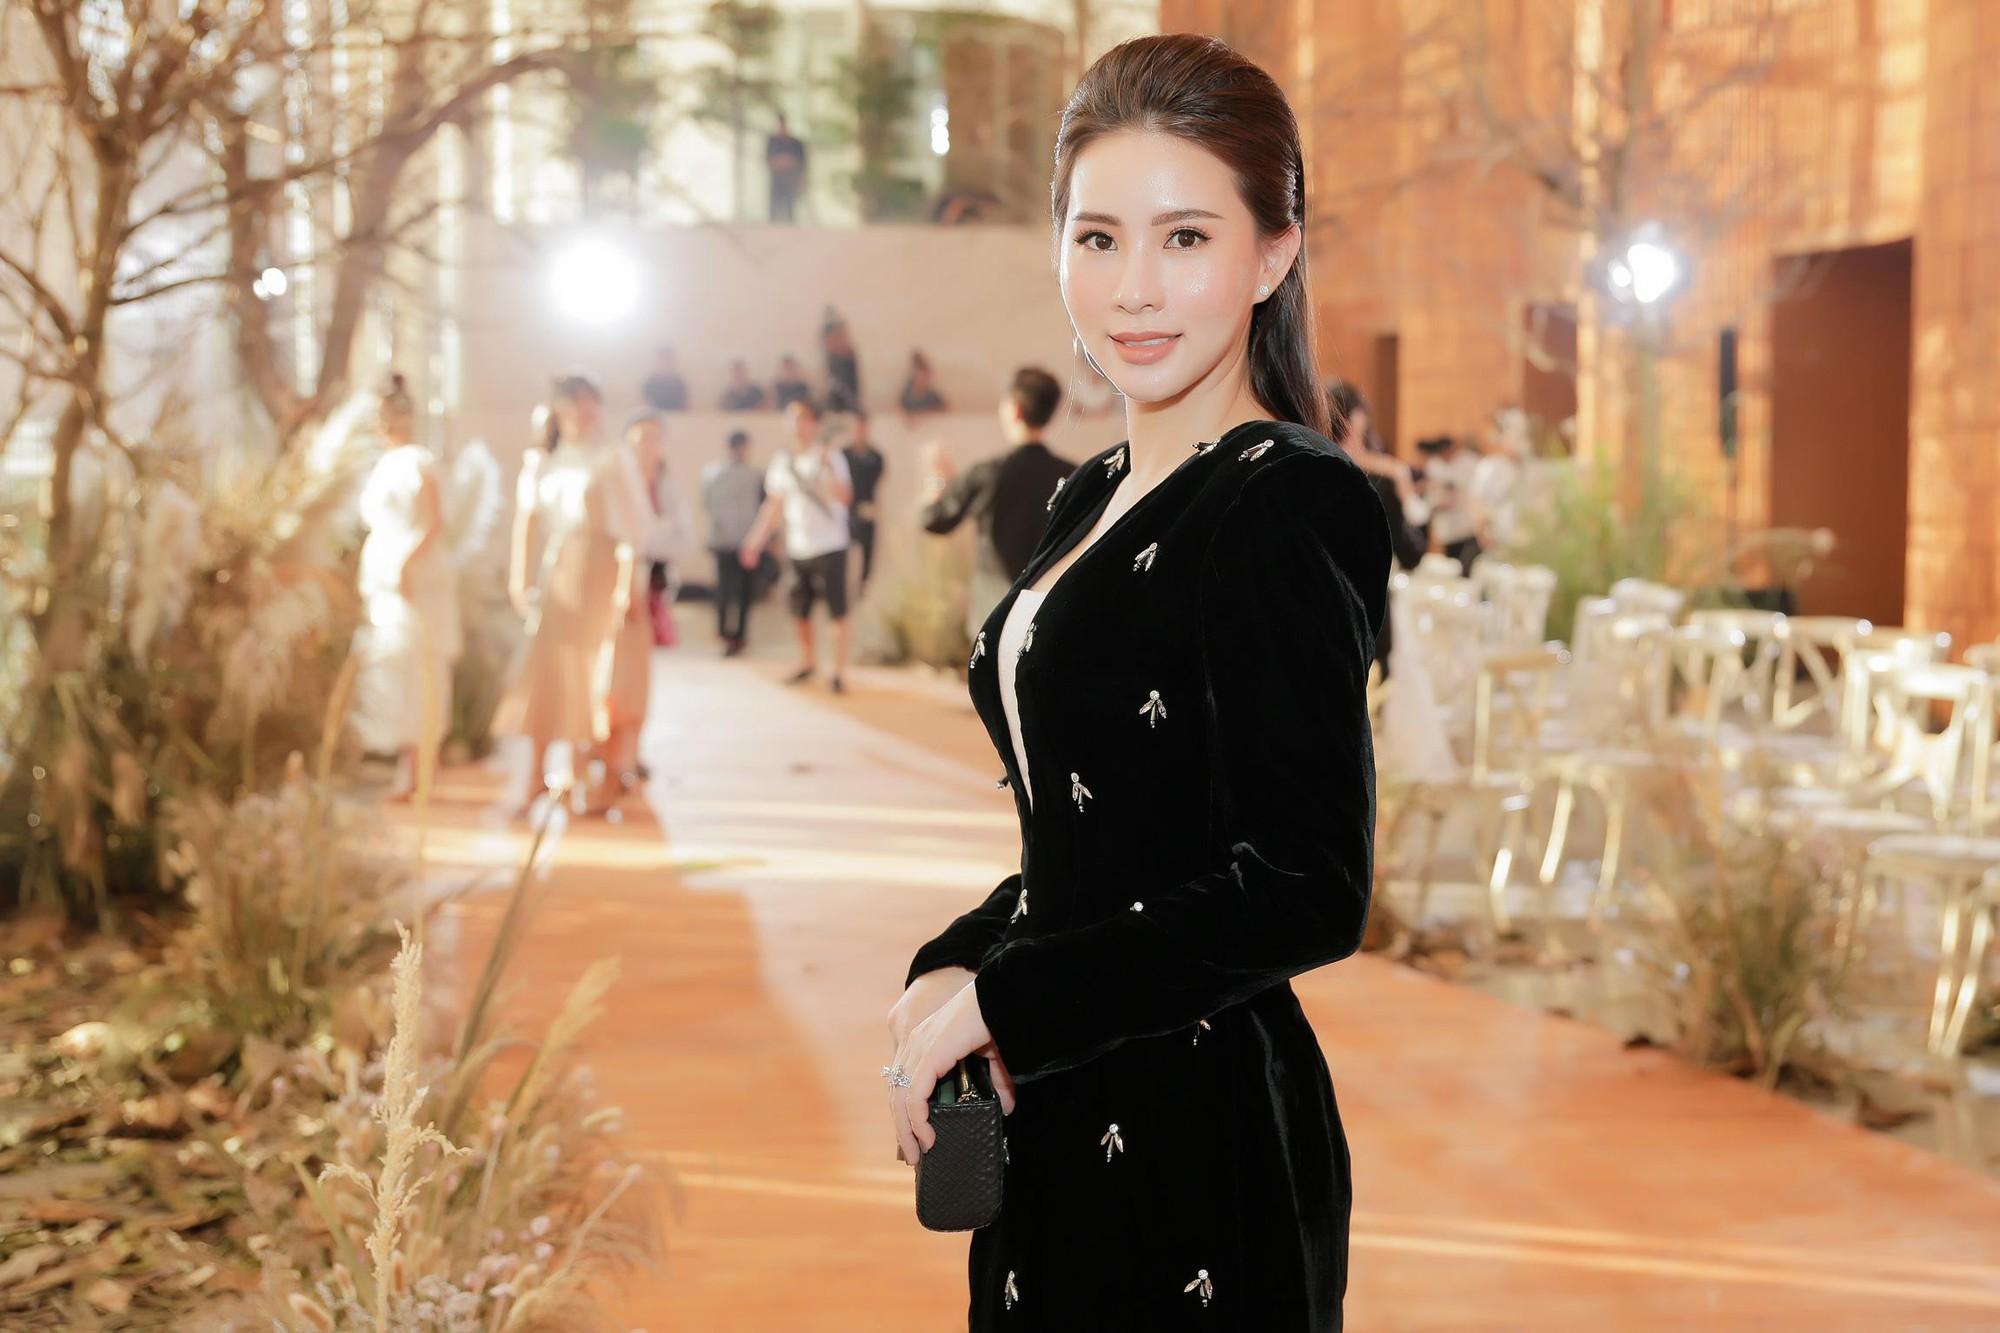 Hoa hậu Hải Dương được mỹ nam Minh Trung - Võ Cảnh tháp tùng, mua hơn nửa BST mới khi dự show của Chung Thanh Phong - Ảnh 7.